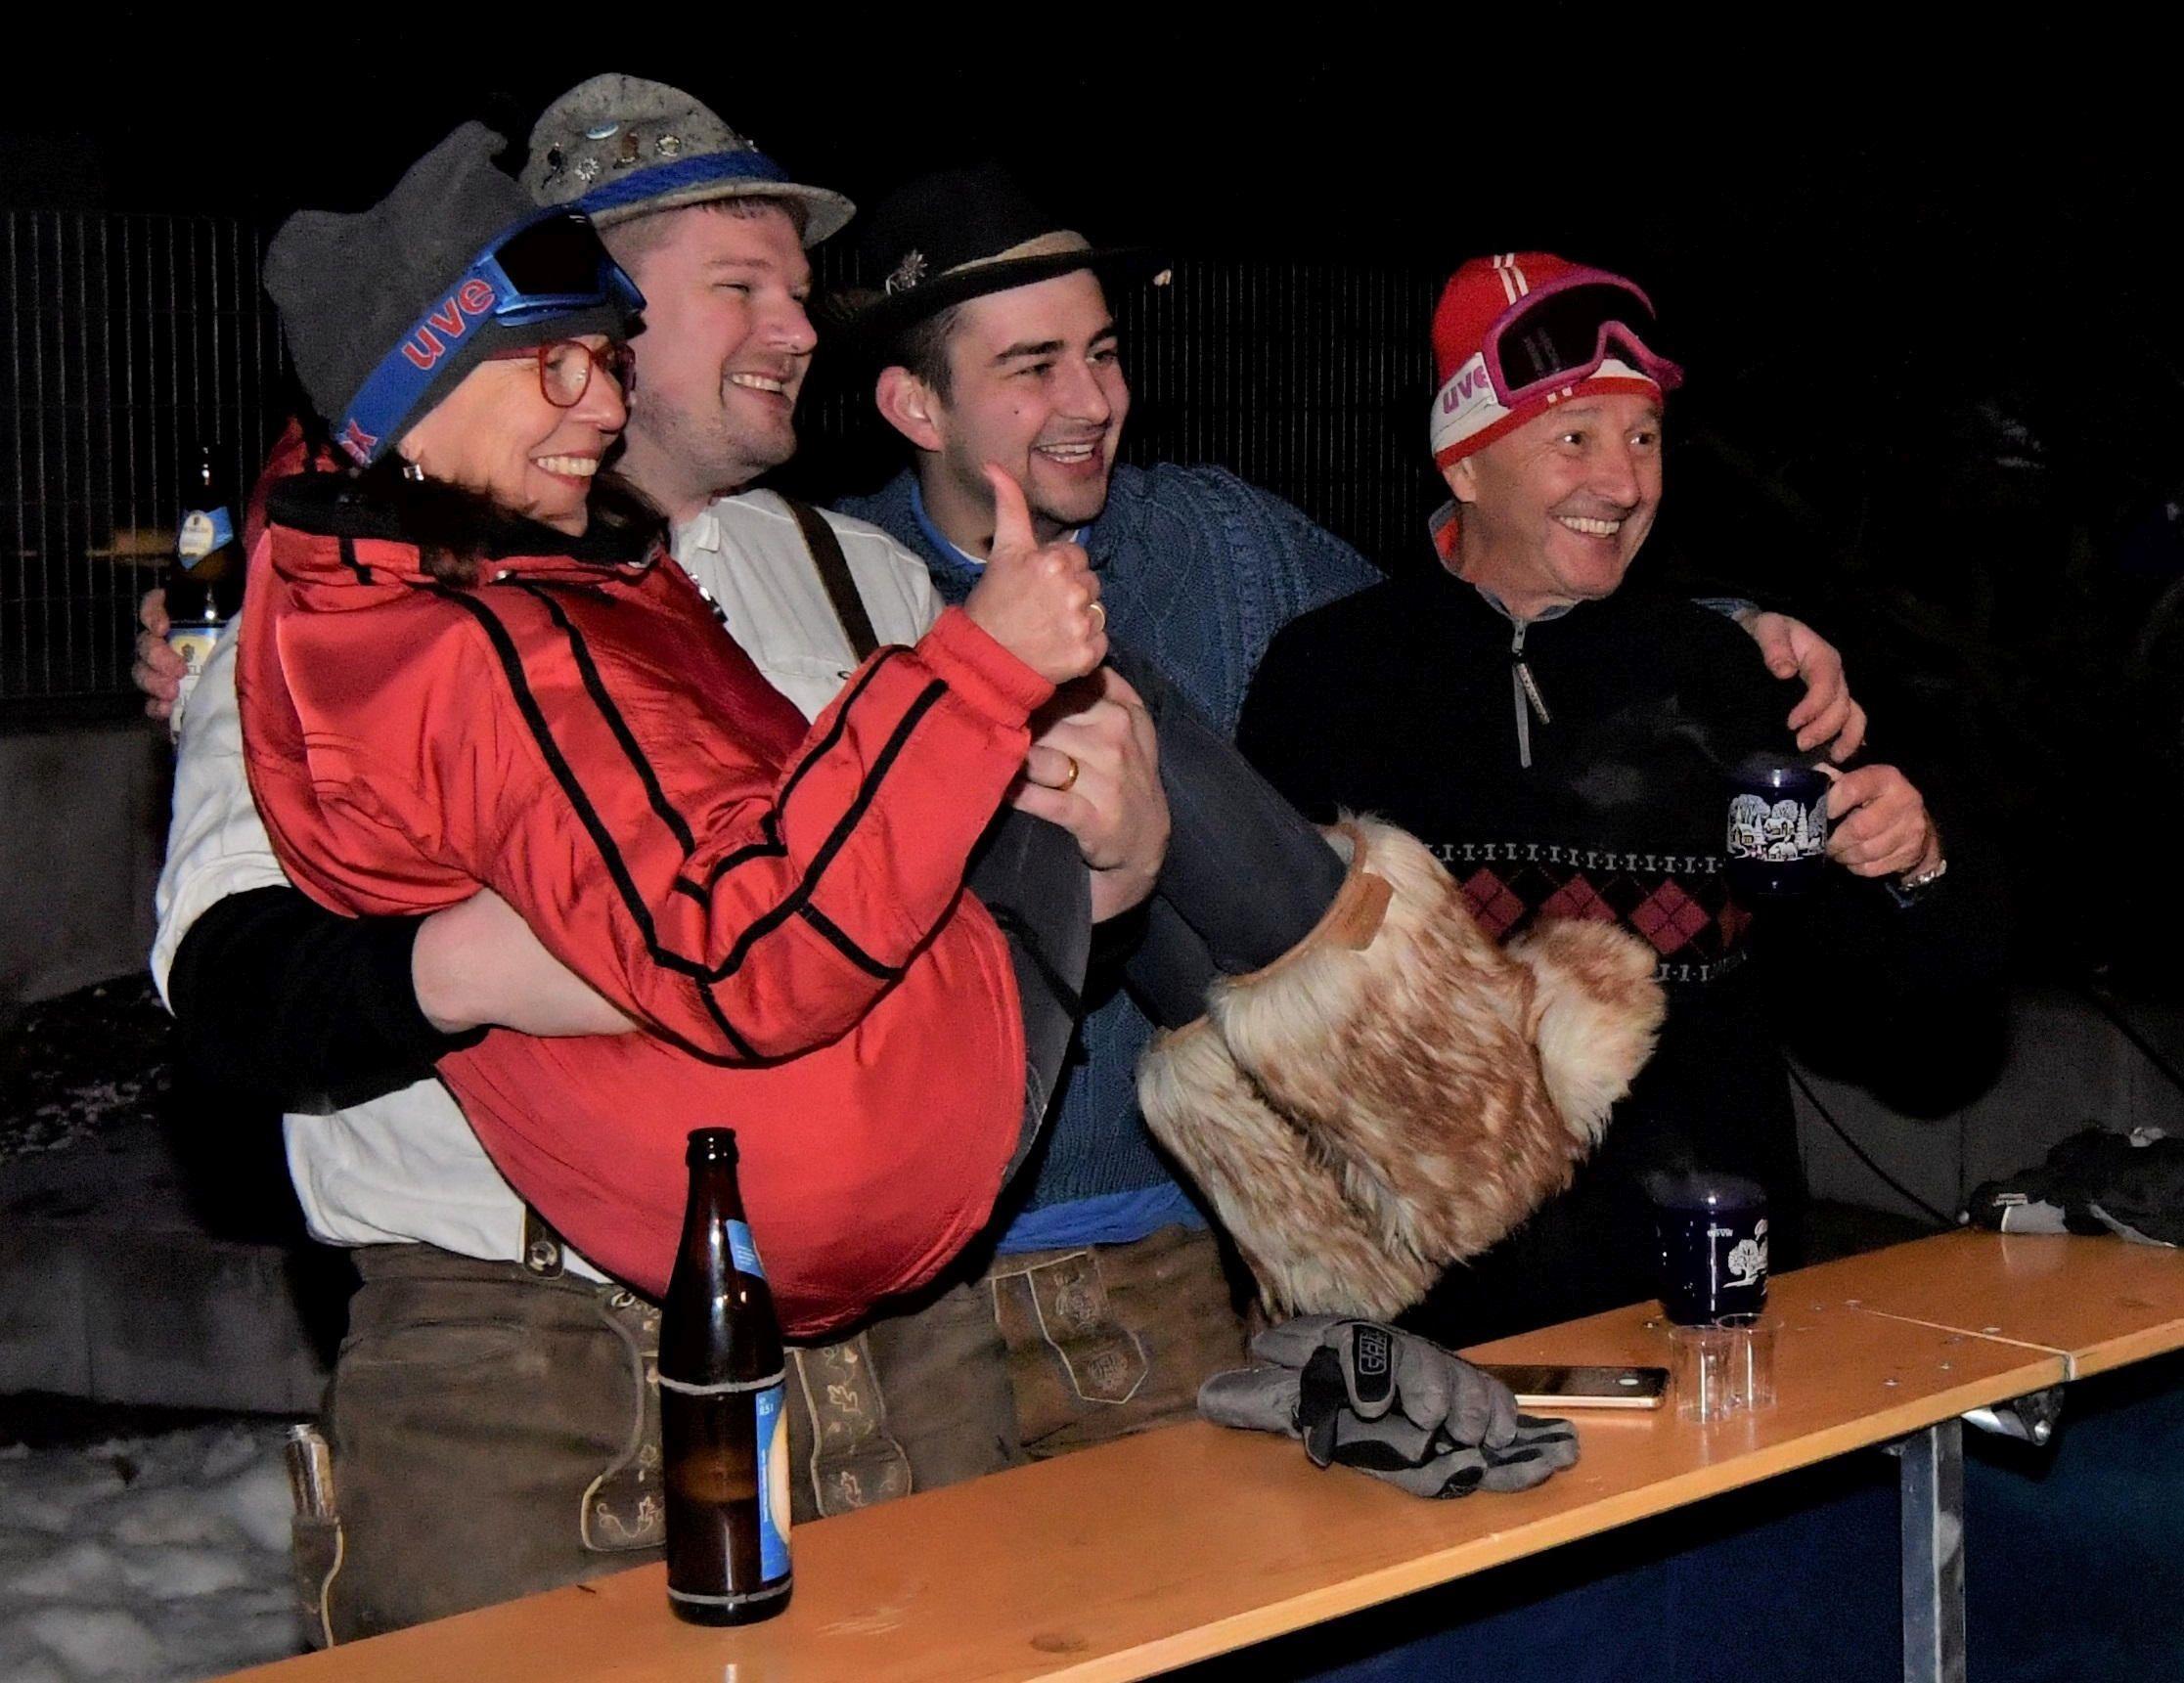 """""""Ein bisschen Gaudi muss sein"""", hätte das Motto der ersten Upo Hüttengaudi frei nach Roberto Blanco lauten können. Die Gäste der Après-Ski-Veranstaltung hatten jedenfalls ihren Spaß."""